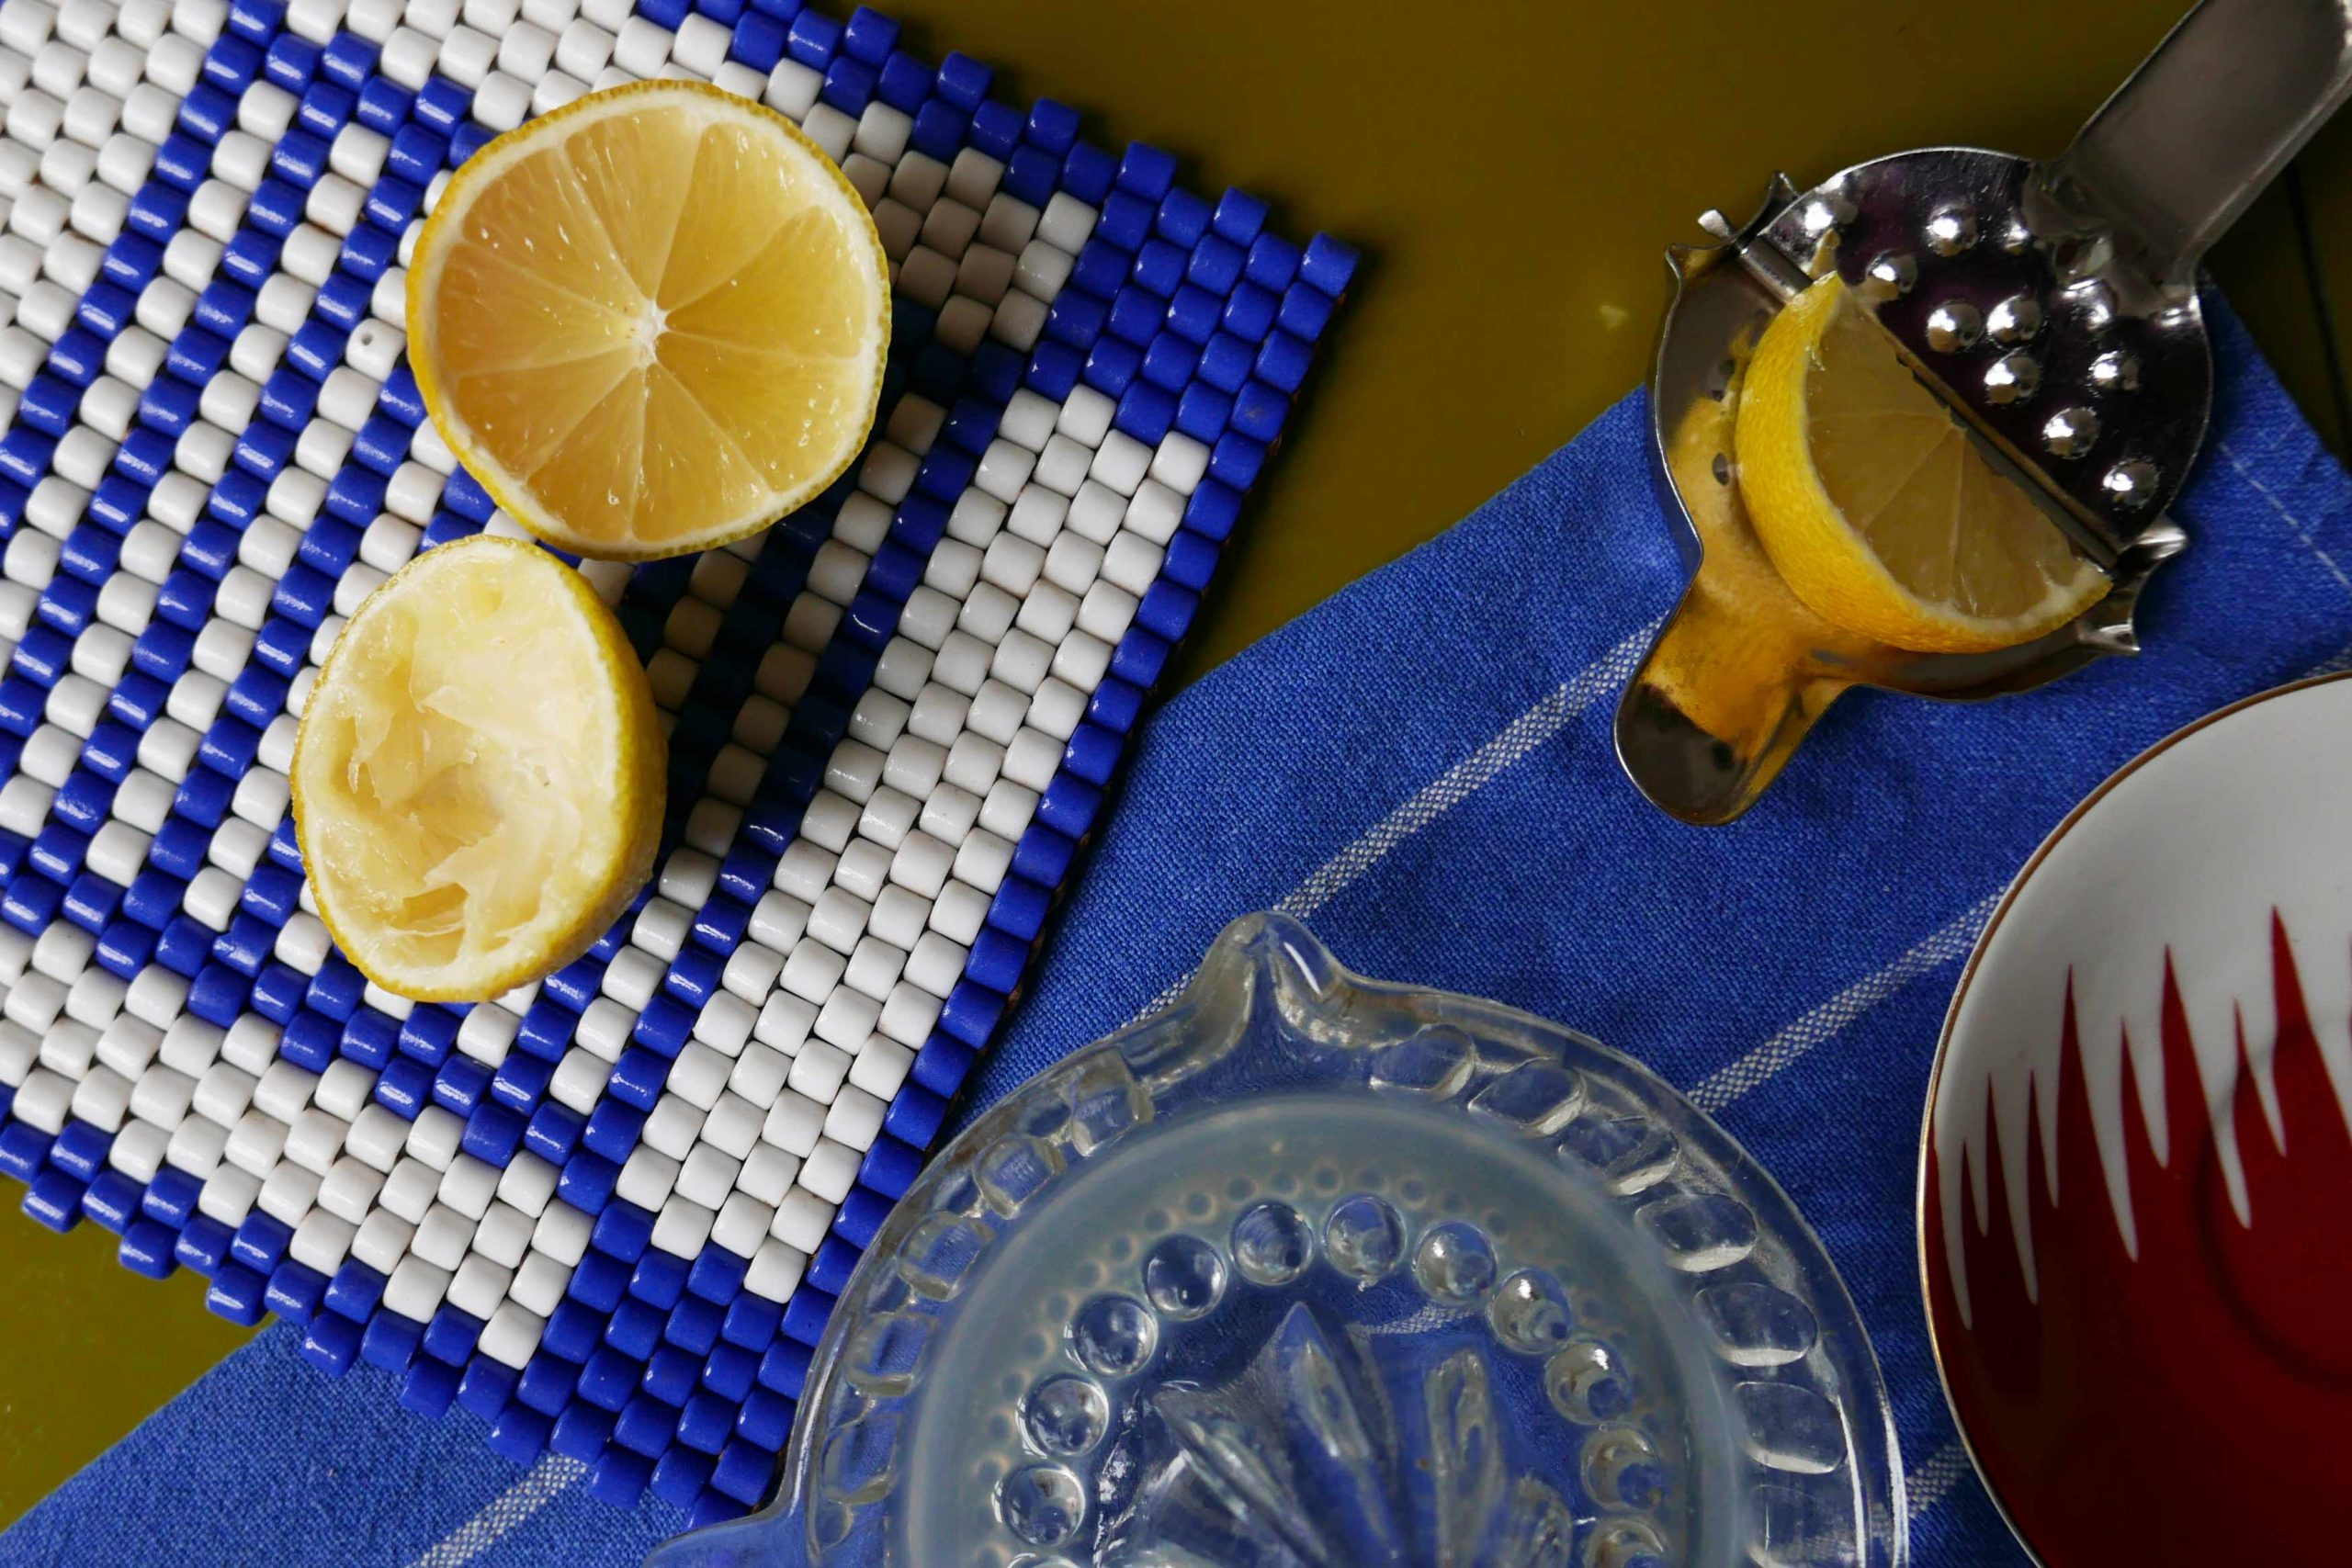 Arbeitsplatte in der Küche mit Zitronen und verschiedenen Zitronenpressen auf blauem Tuch